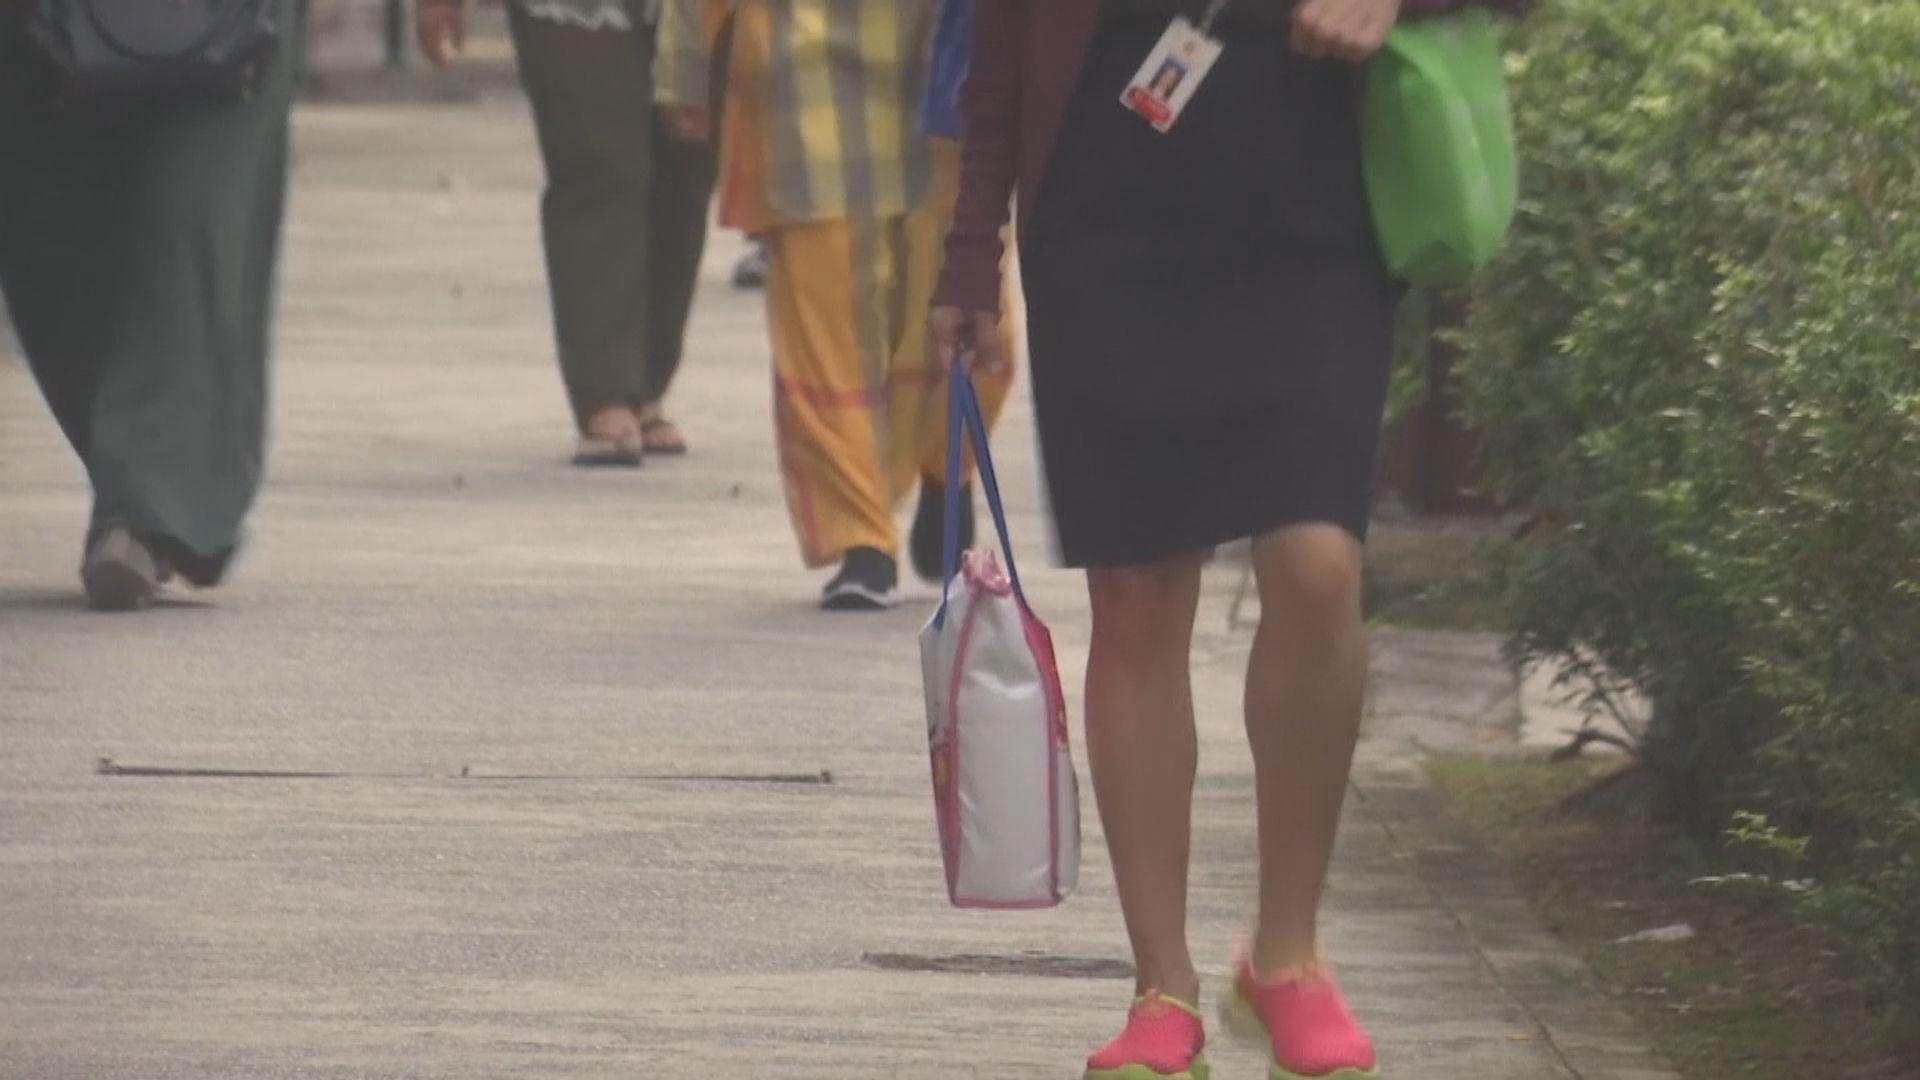 【環球薈報】馬來西亞家長典當首飾購買子女學習設備